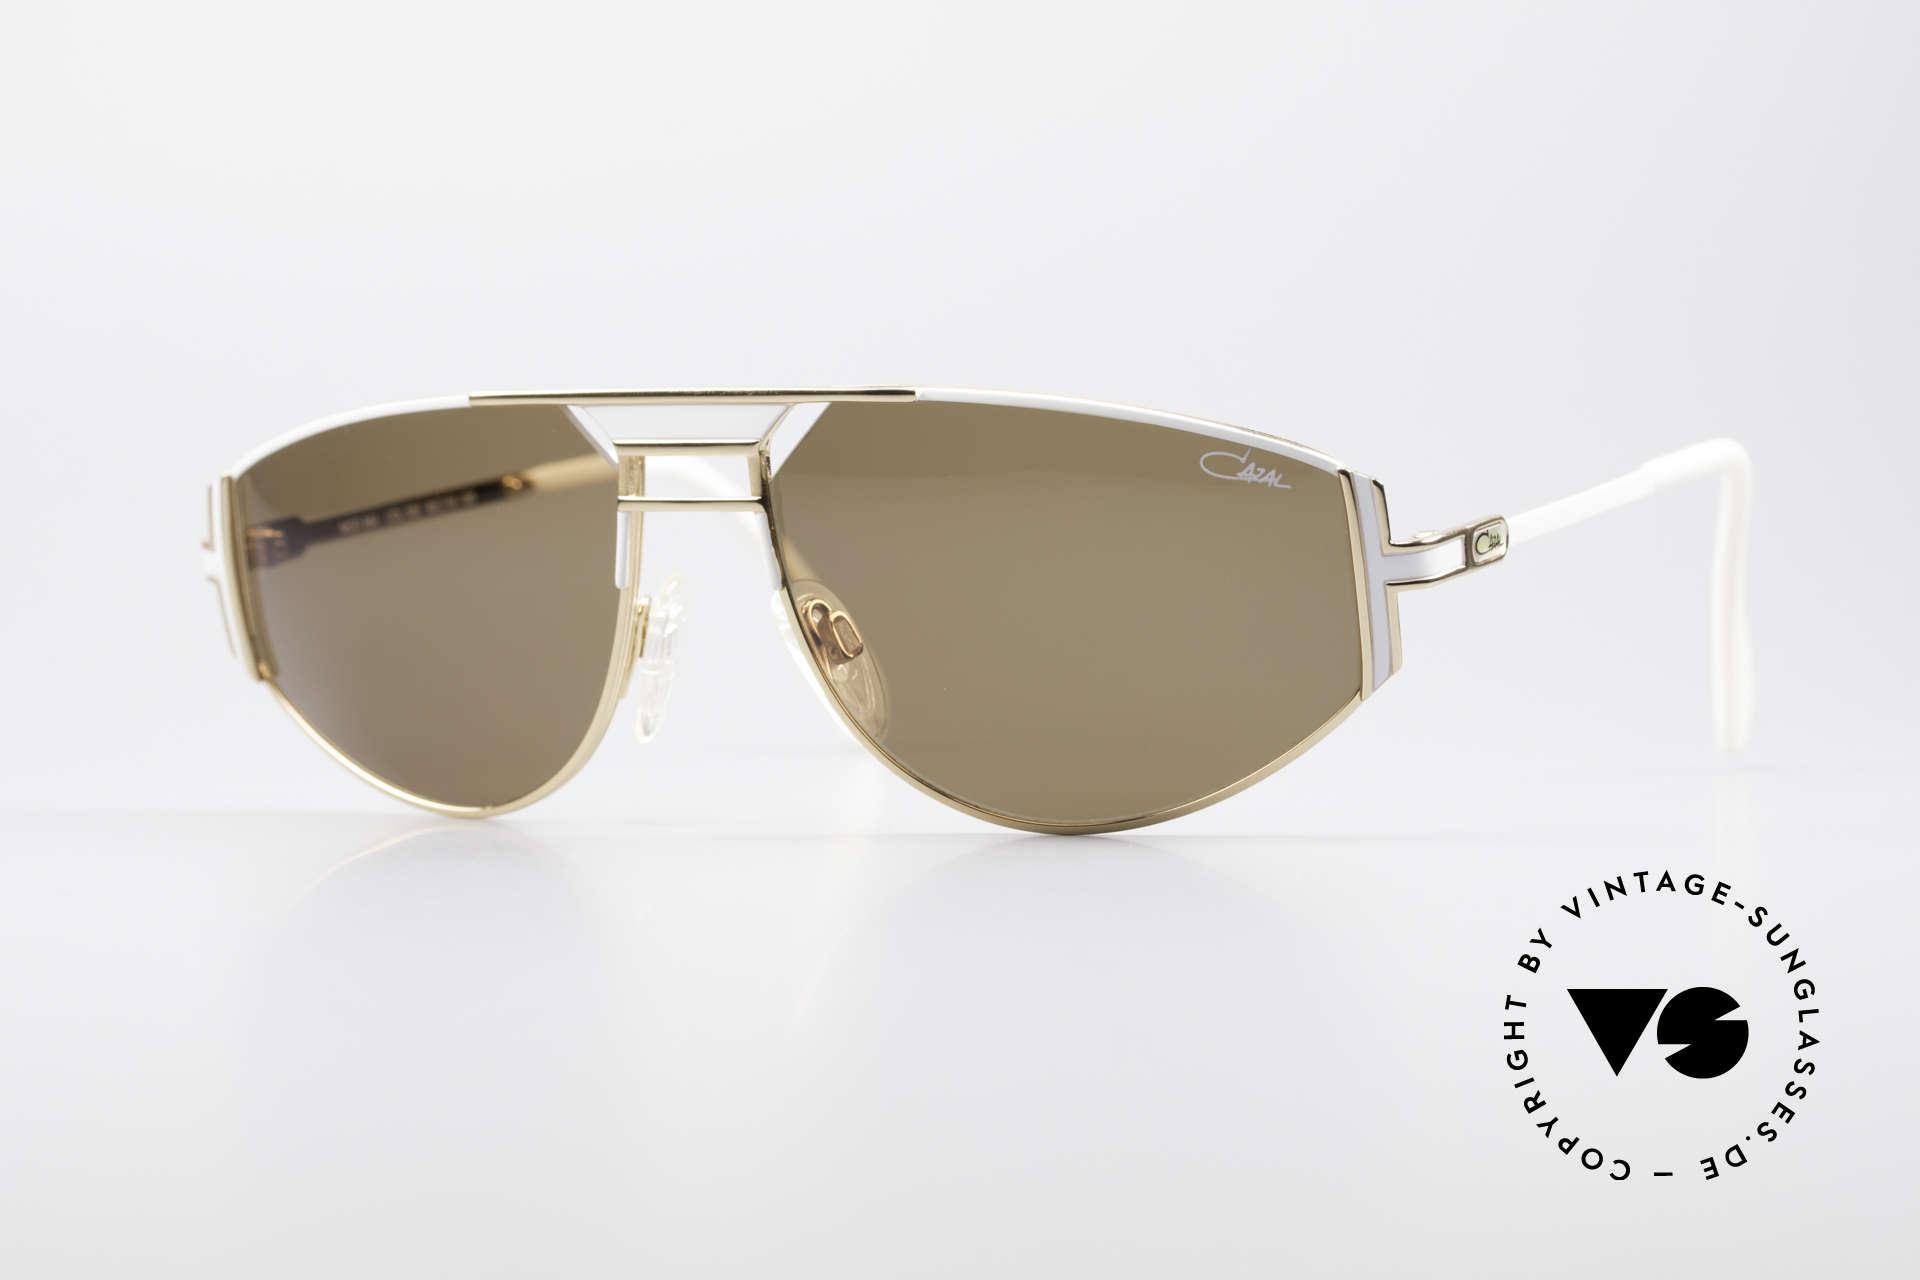 Cazal 964 Echte Vintage Sonnenbrille, original Cazal vintage Designersonnenbrille von 1994, Passend für Herren und Damen